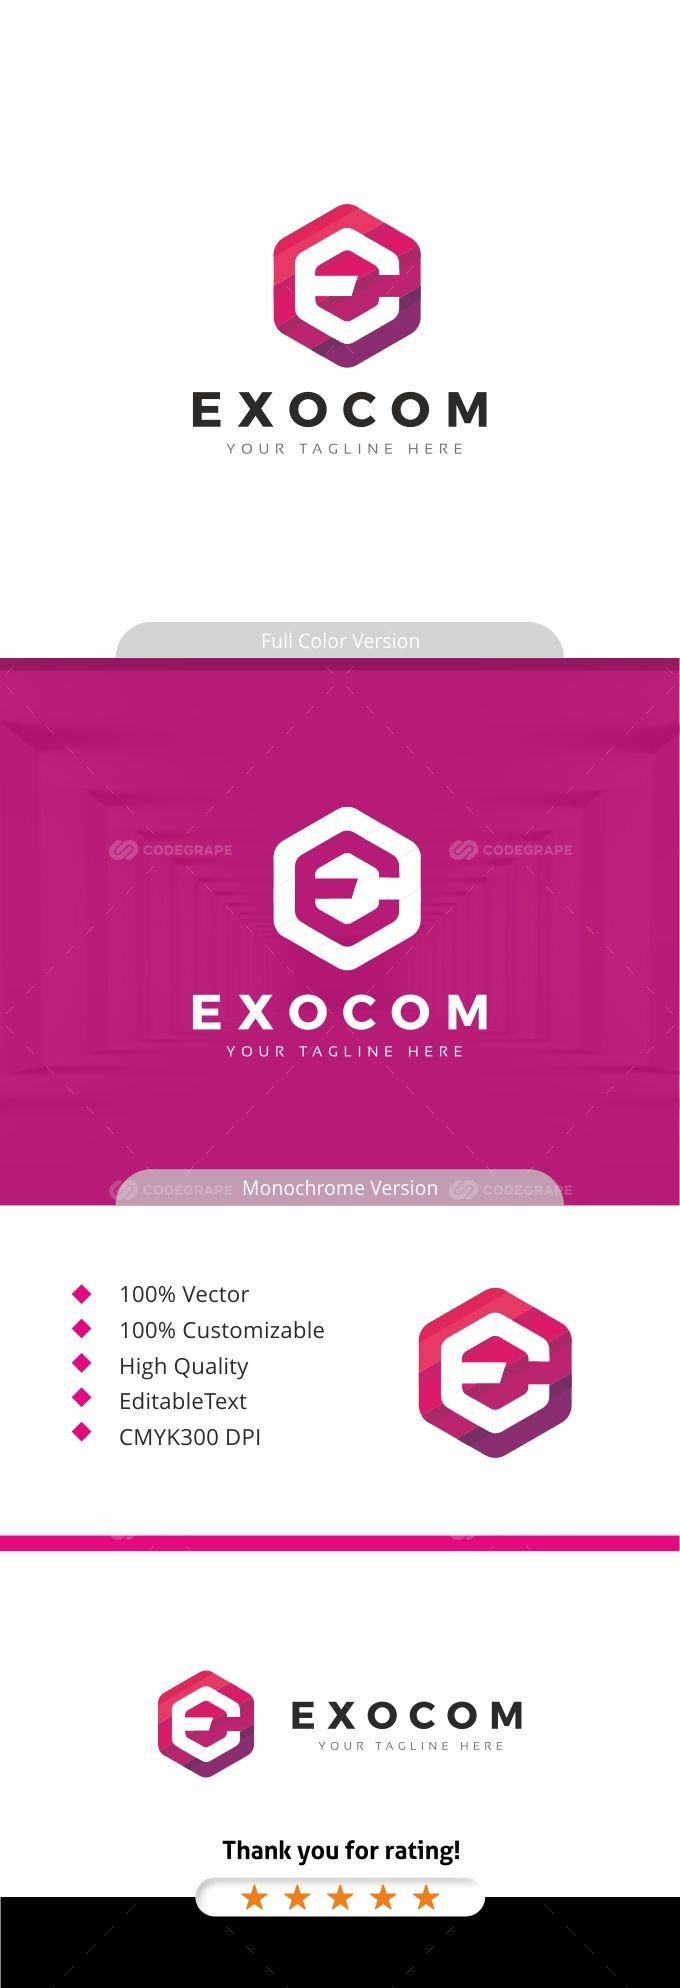 Exocom - Hexagon E Letter Logo | Pinterest | Logos, Letter logo and ...